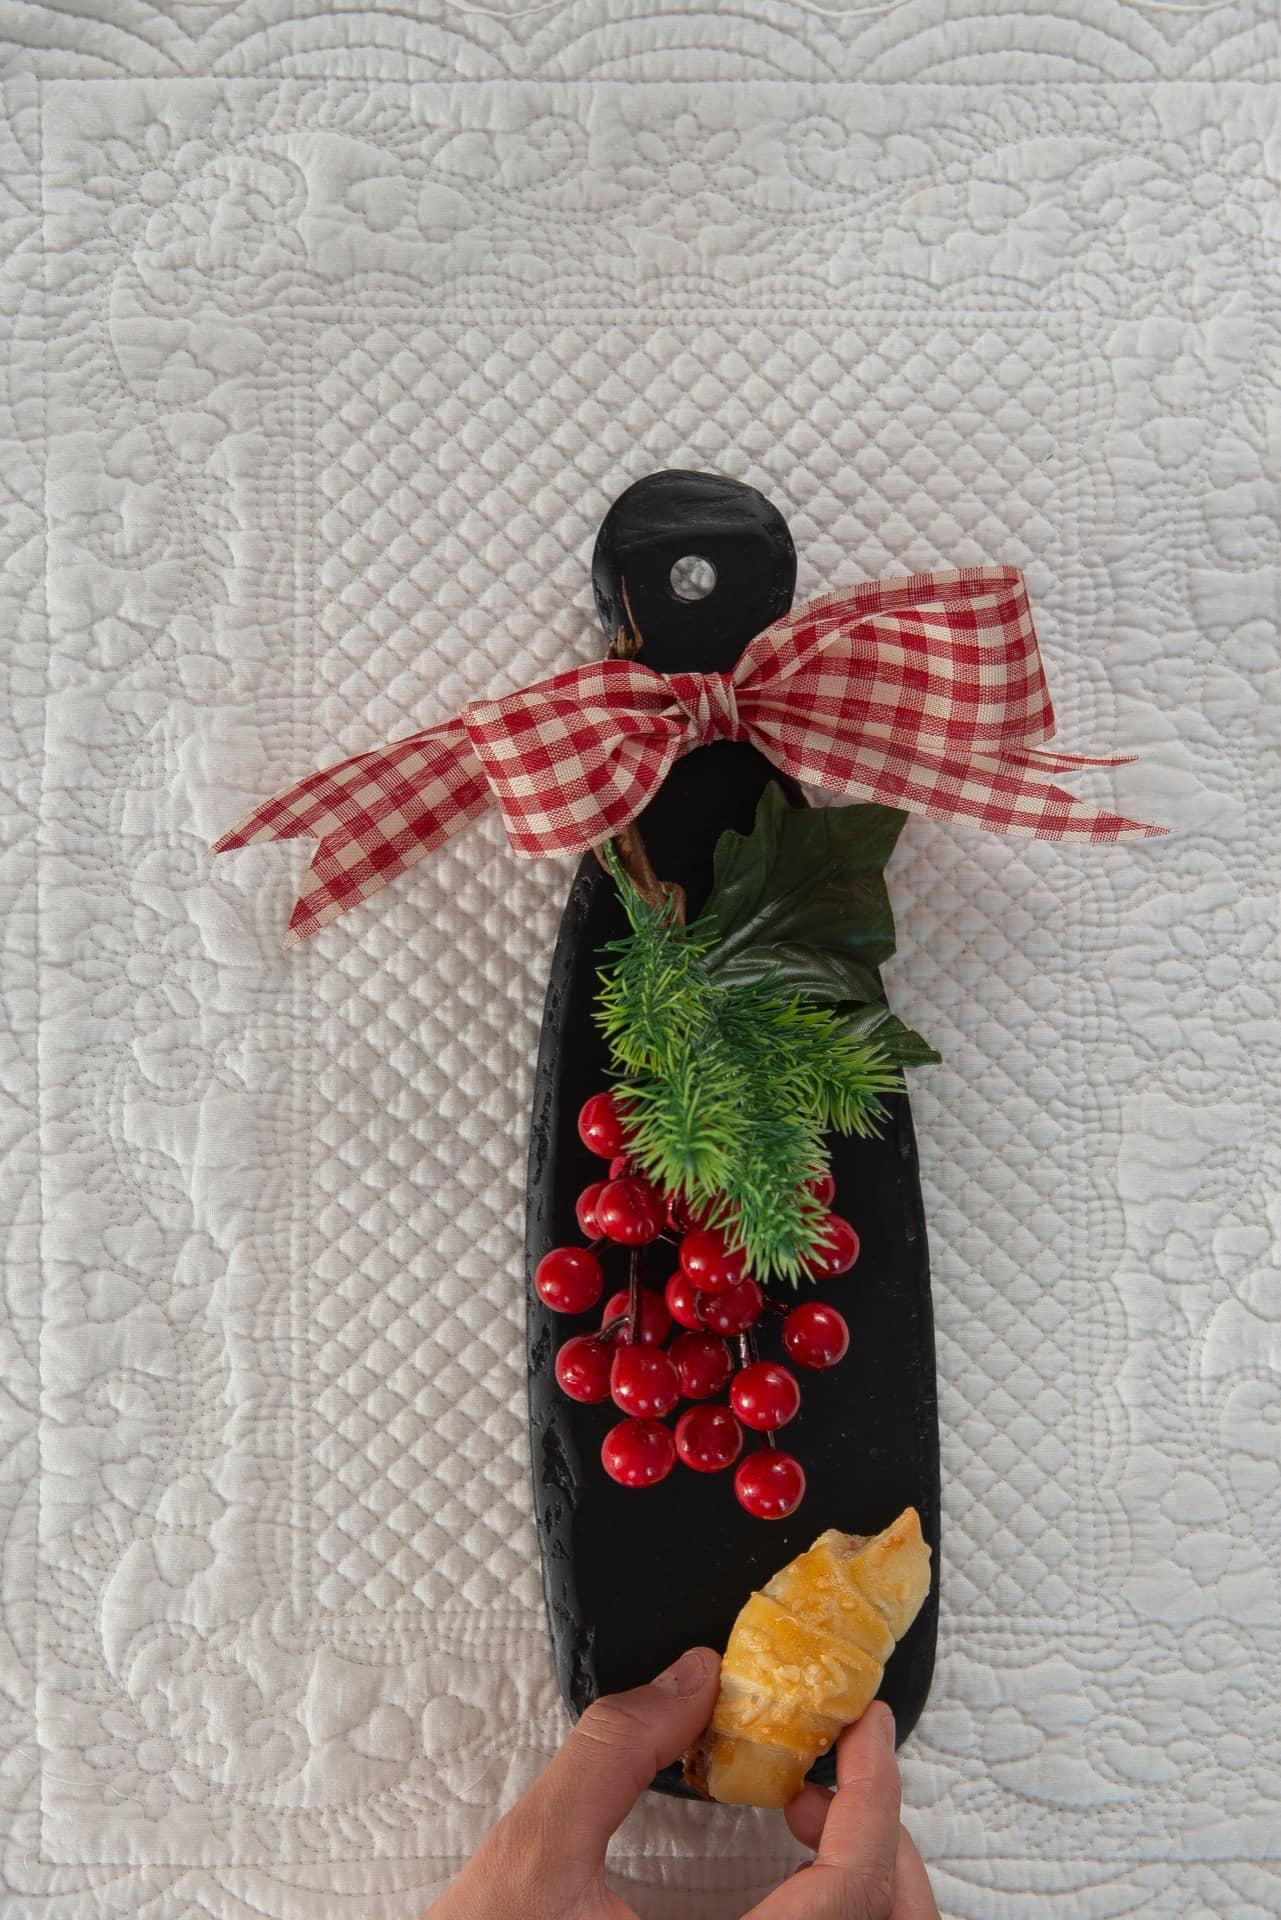 Imagem: Passo 5: coloque o croissant na tábua de servir. Foto: Cacá Bratke